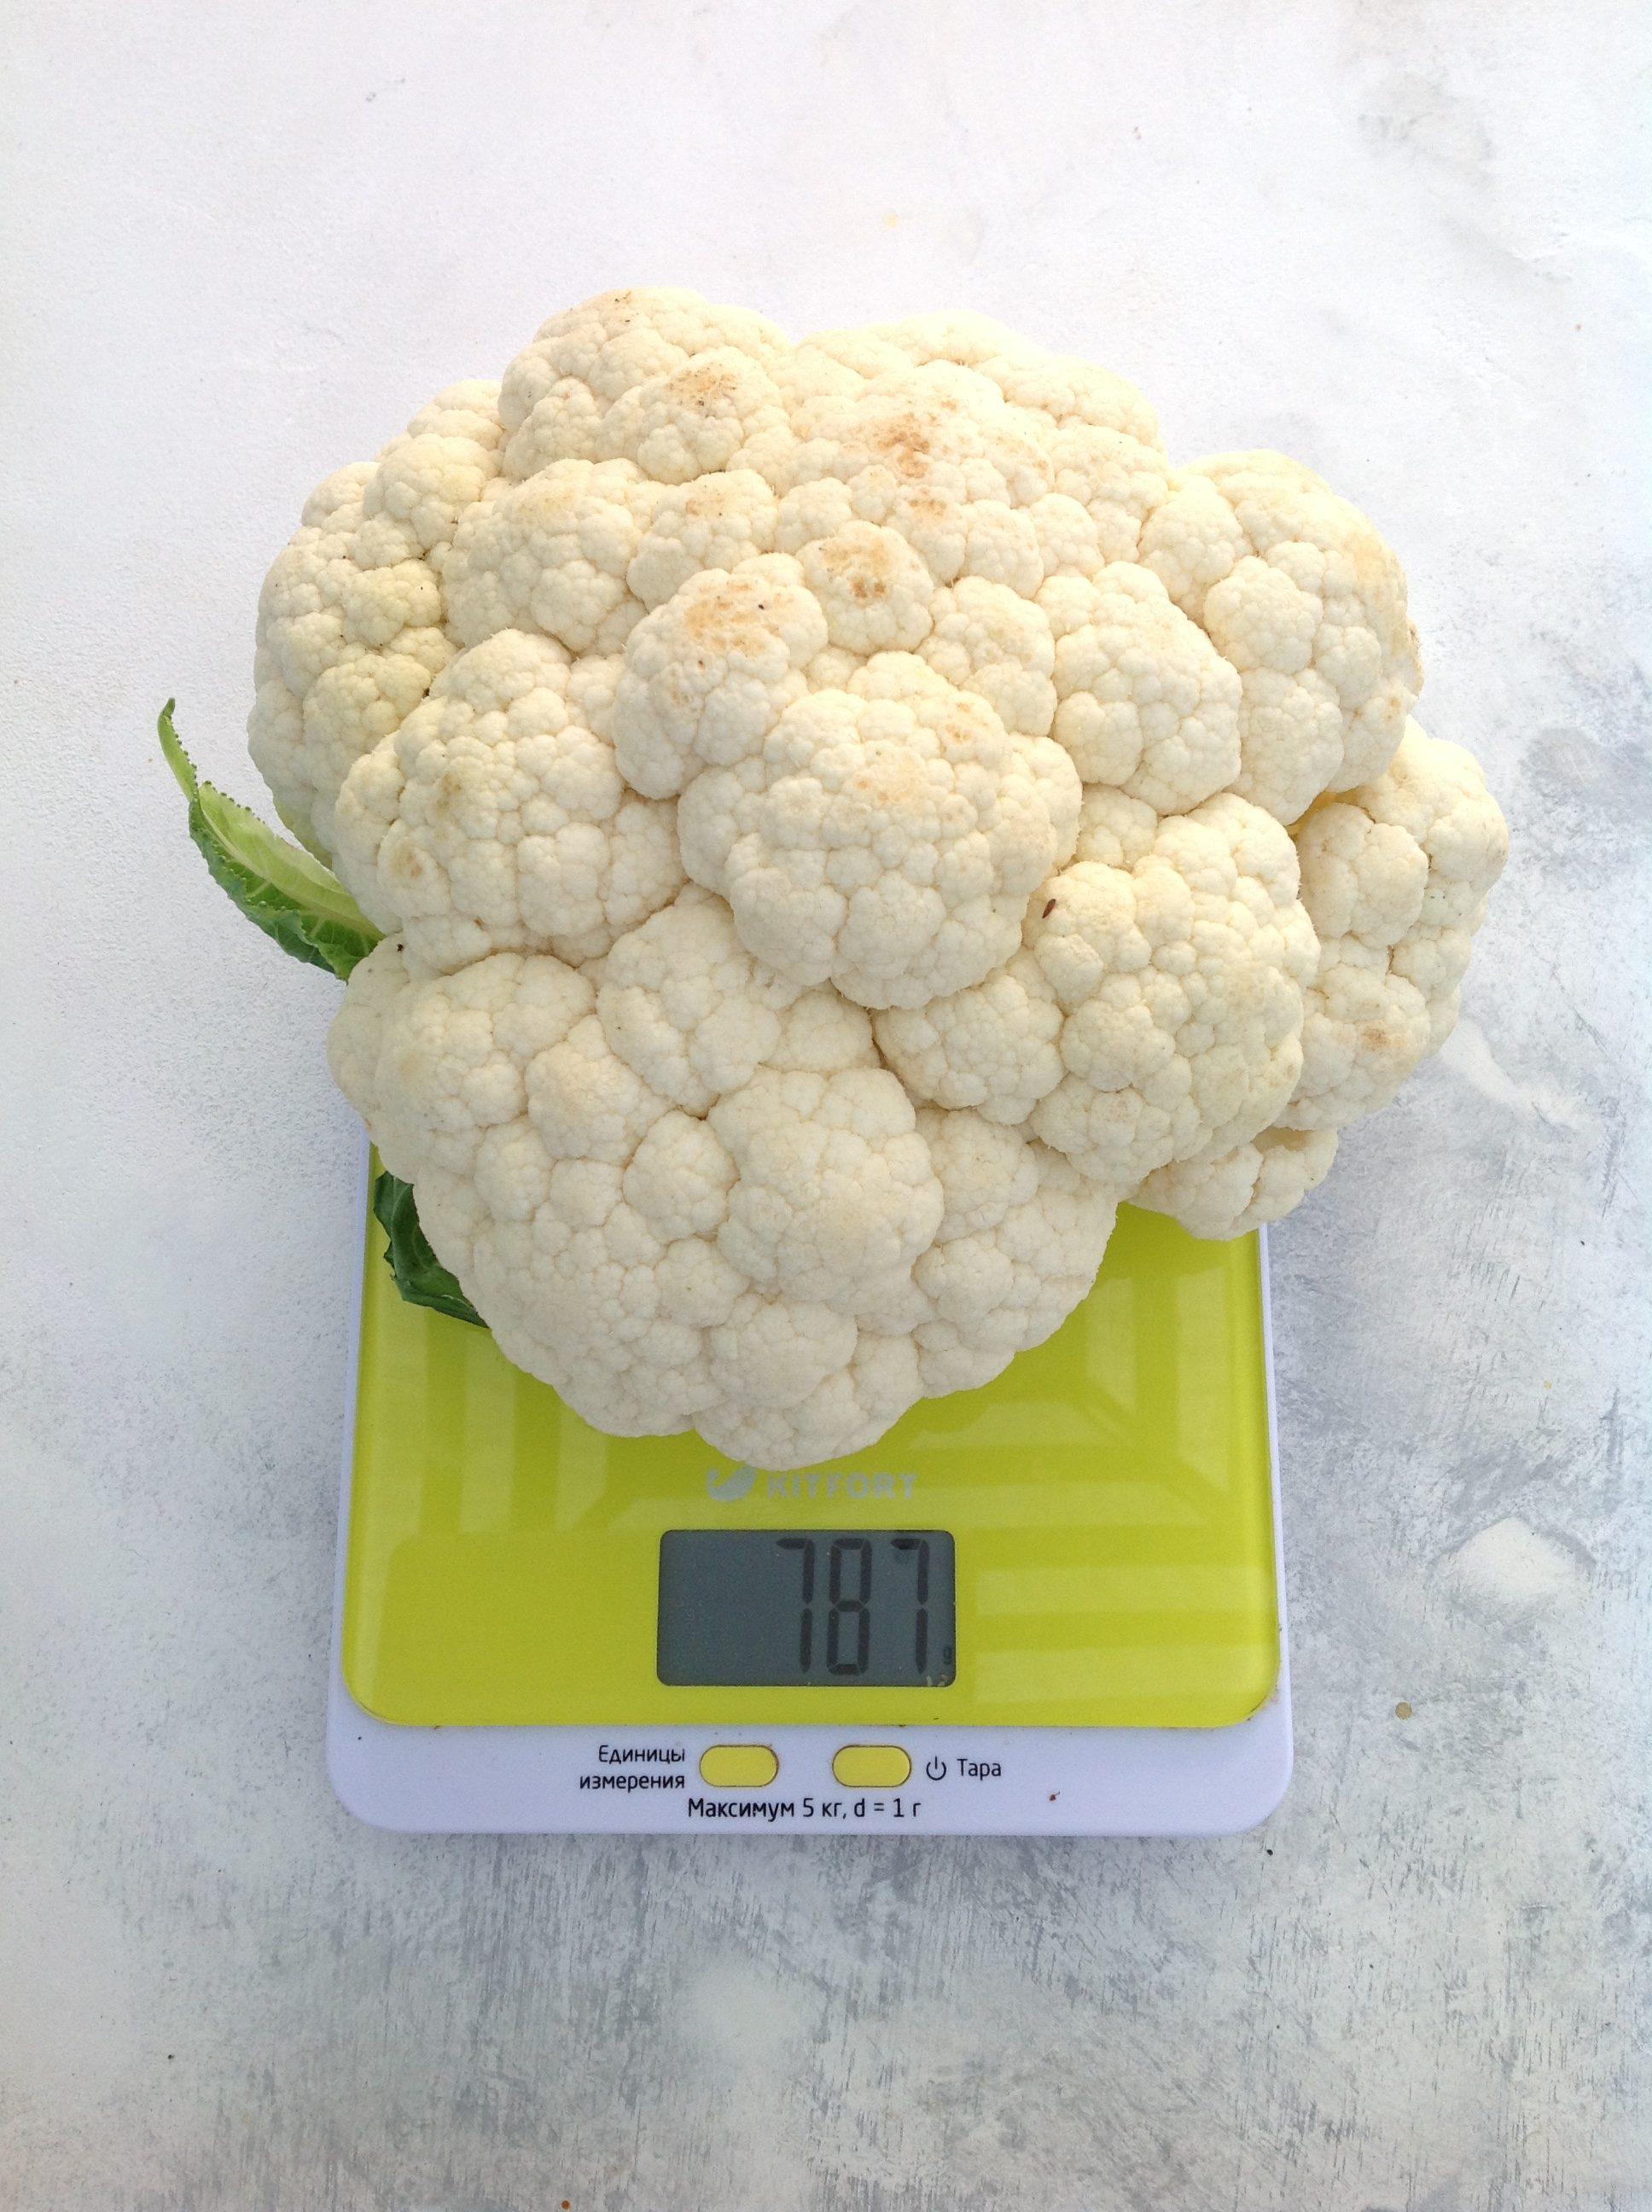 вес цветной капусты средней